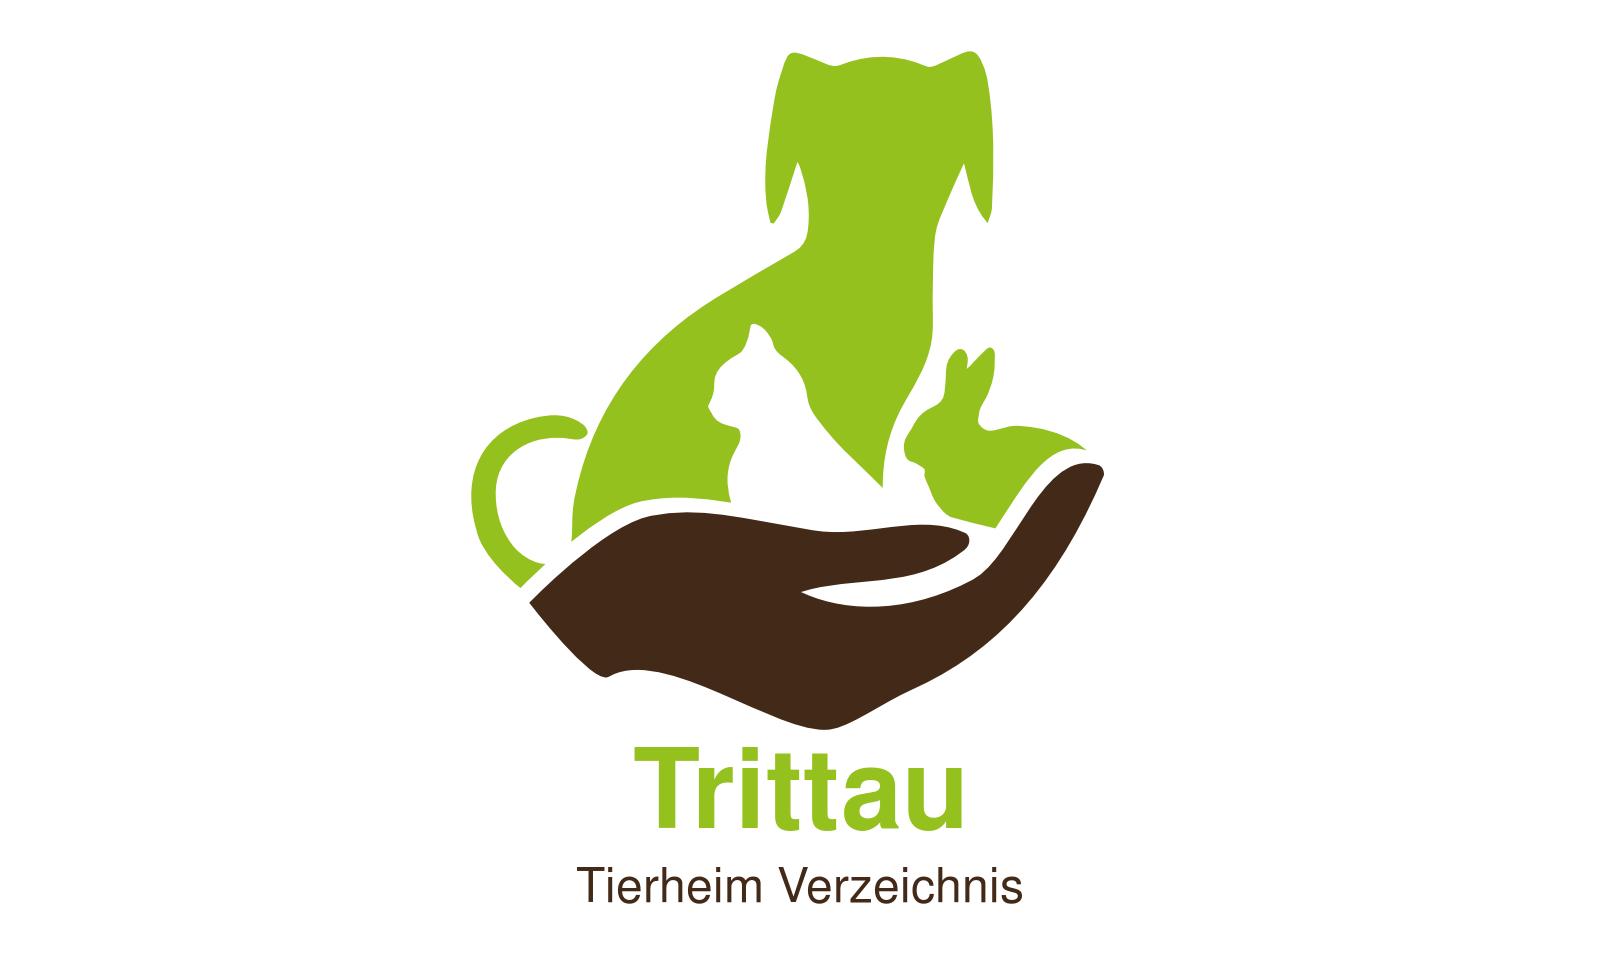 Tierheim Trittau